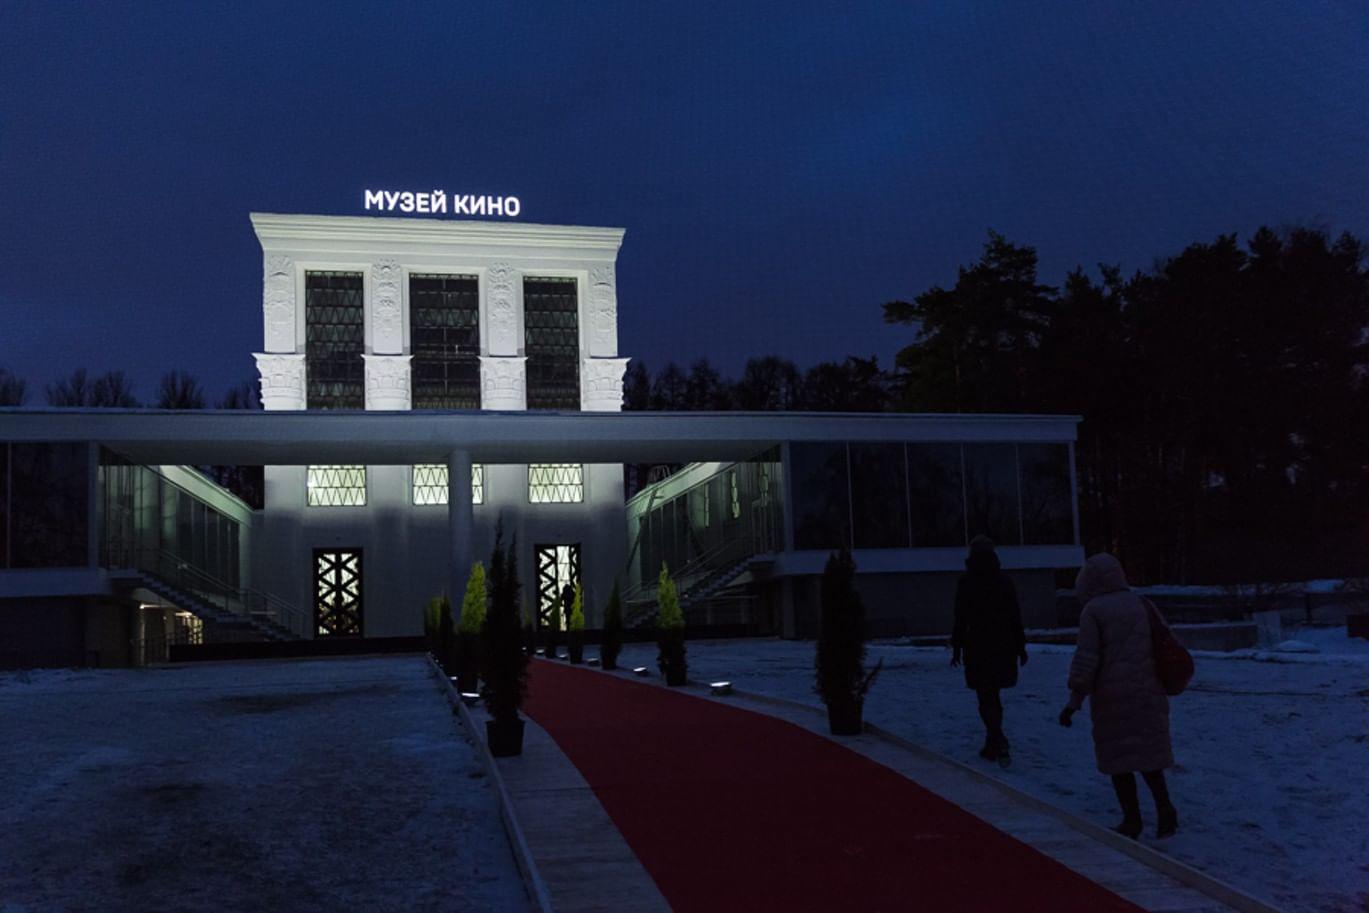 Открытие Государственного центрального Музея кино на ВДНХ.